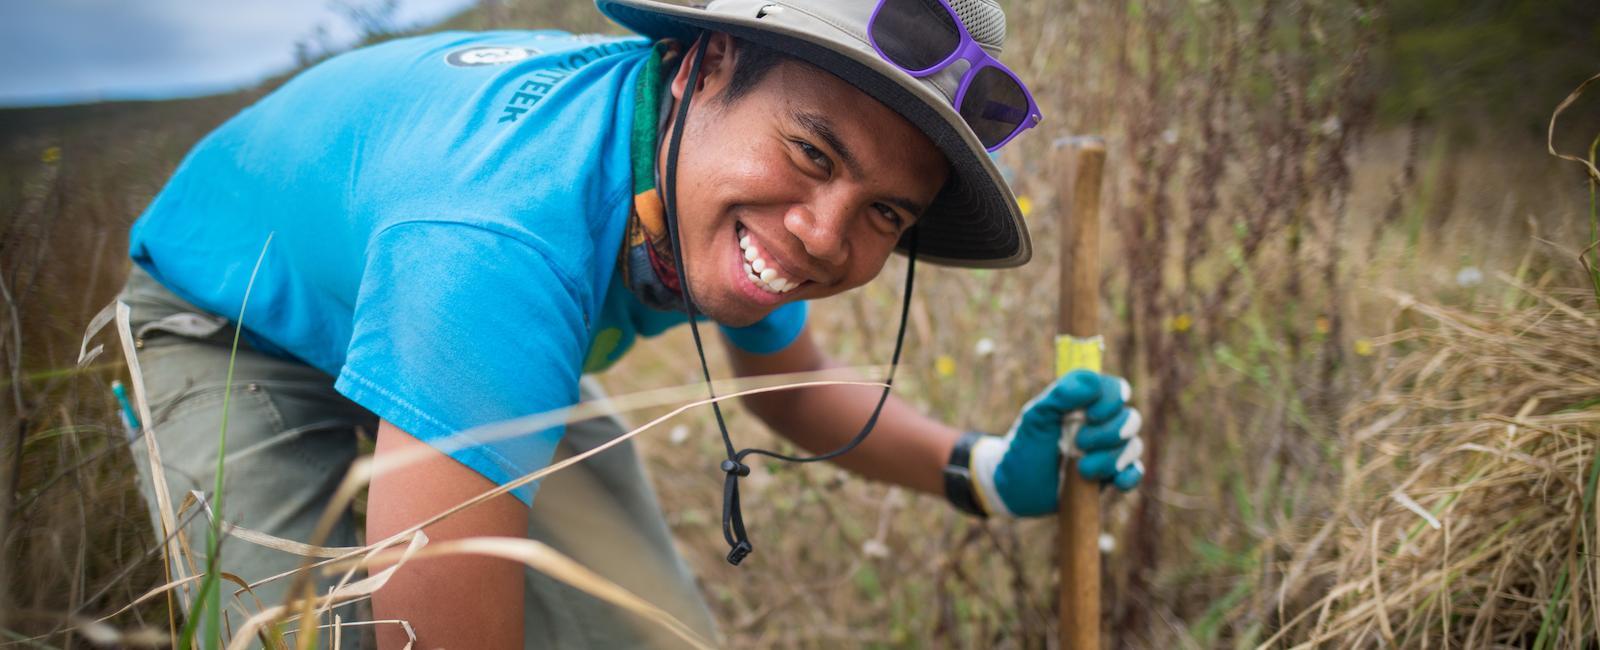 Volunteer restoring habitat at Tennessee Valley